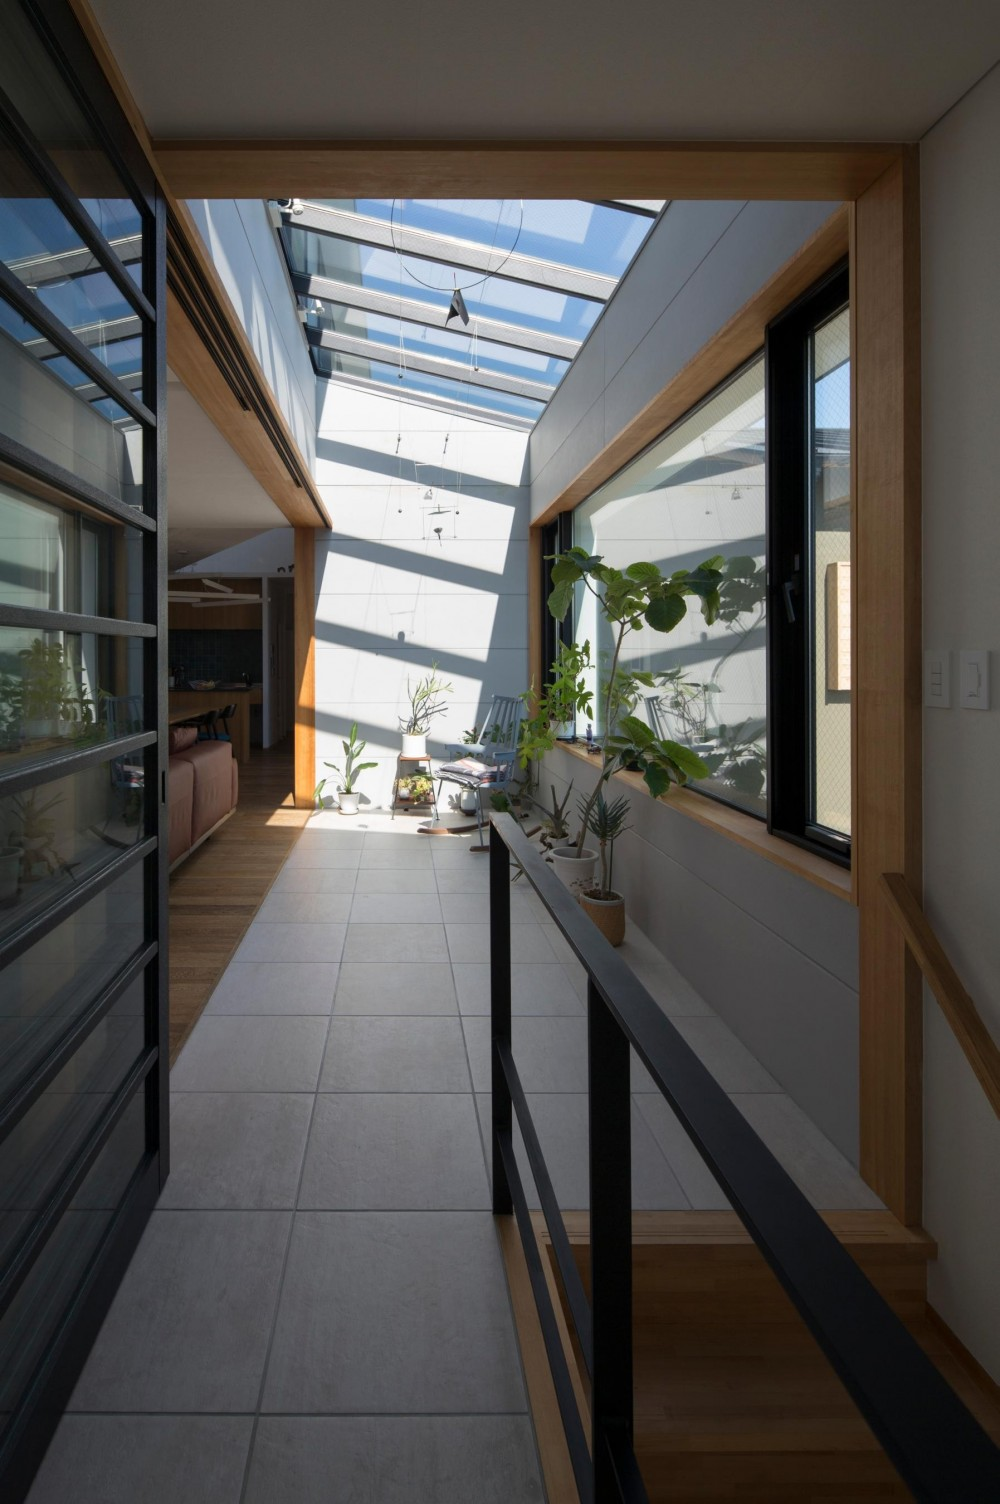 鶴見の家/線路沿いの細長い敷地に建つ木造3階建ての2世帯住宅 (アトリウム/2階の玄関ホールを兼ねたアトリウム)